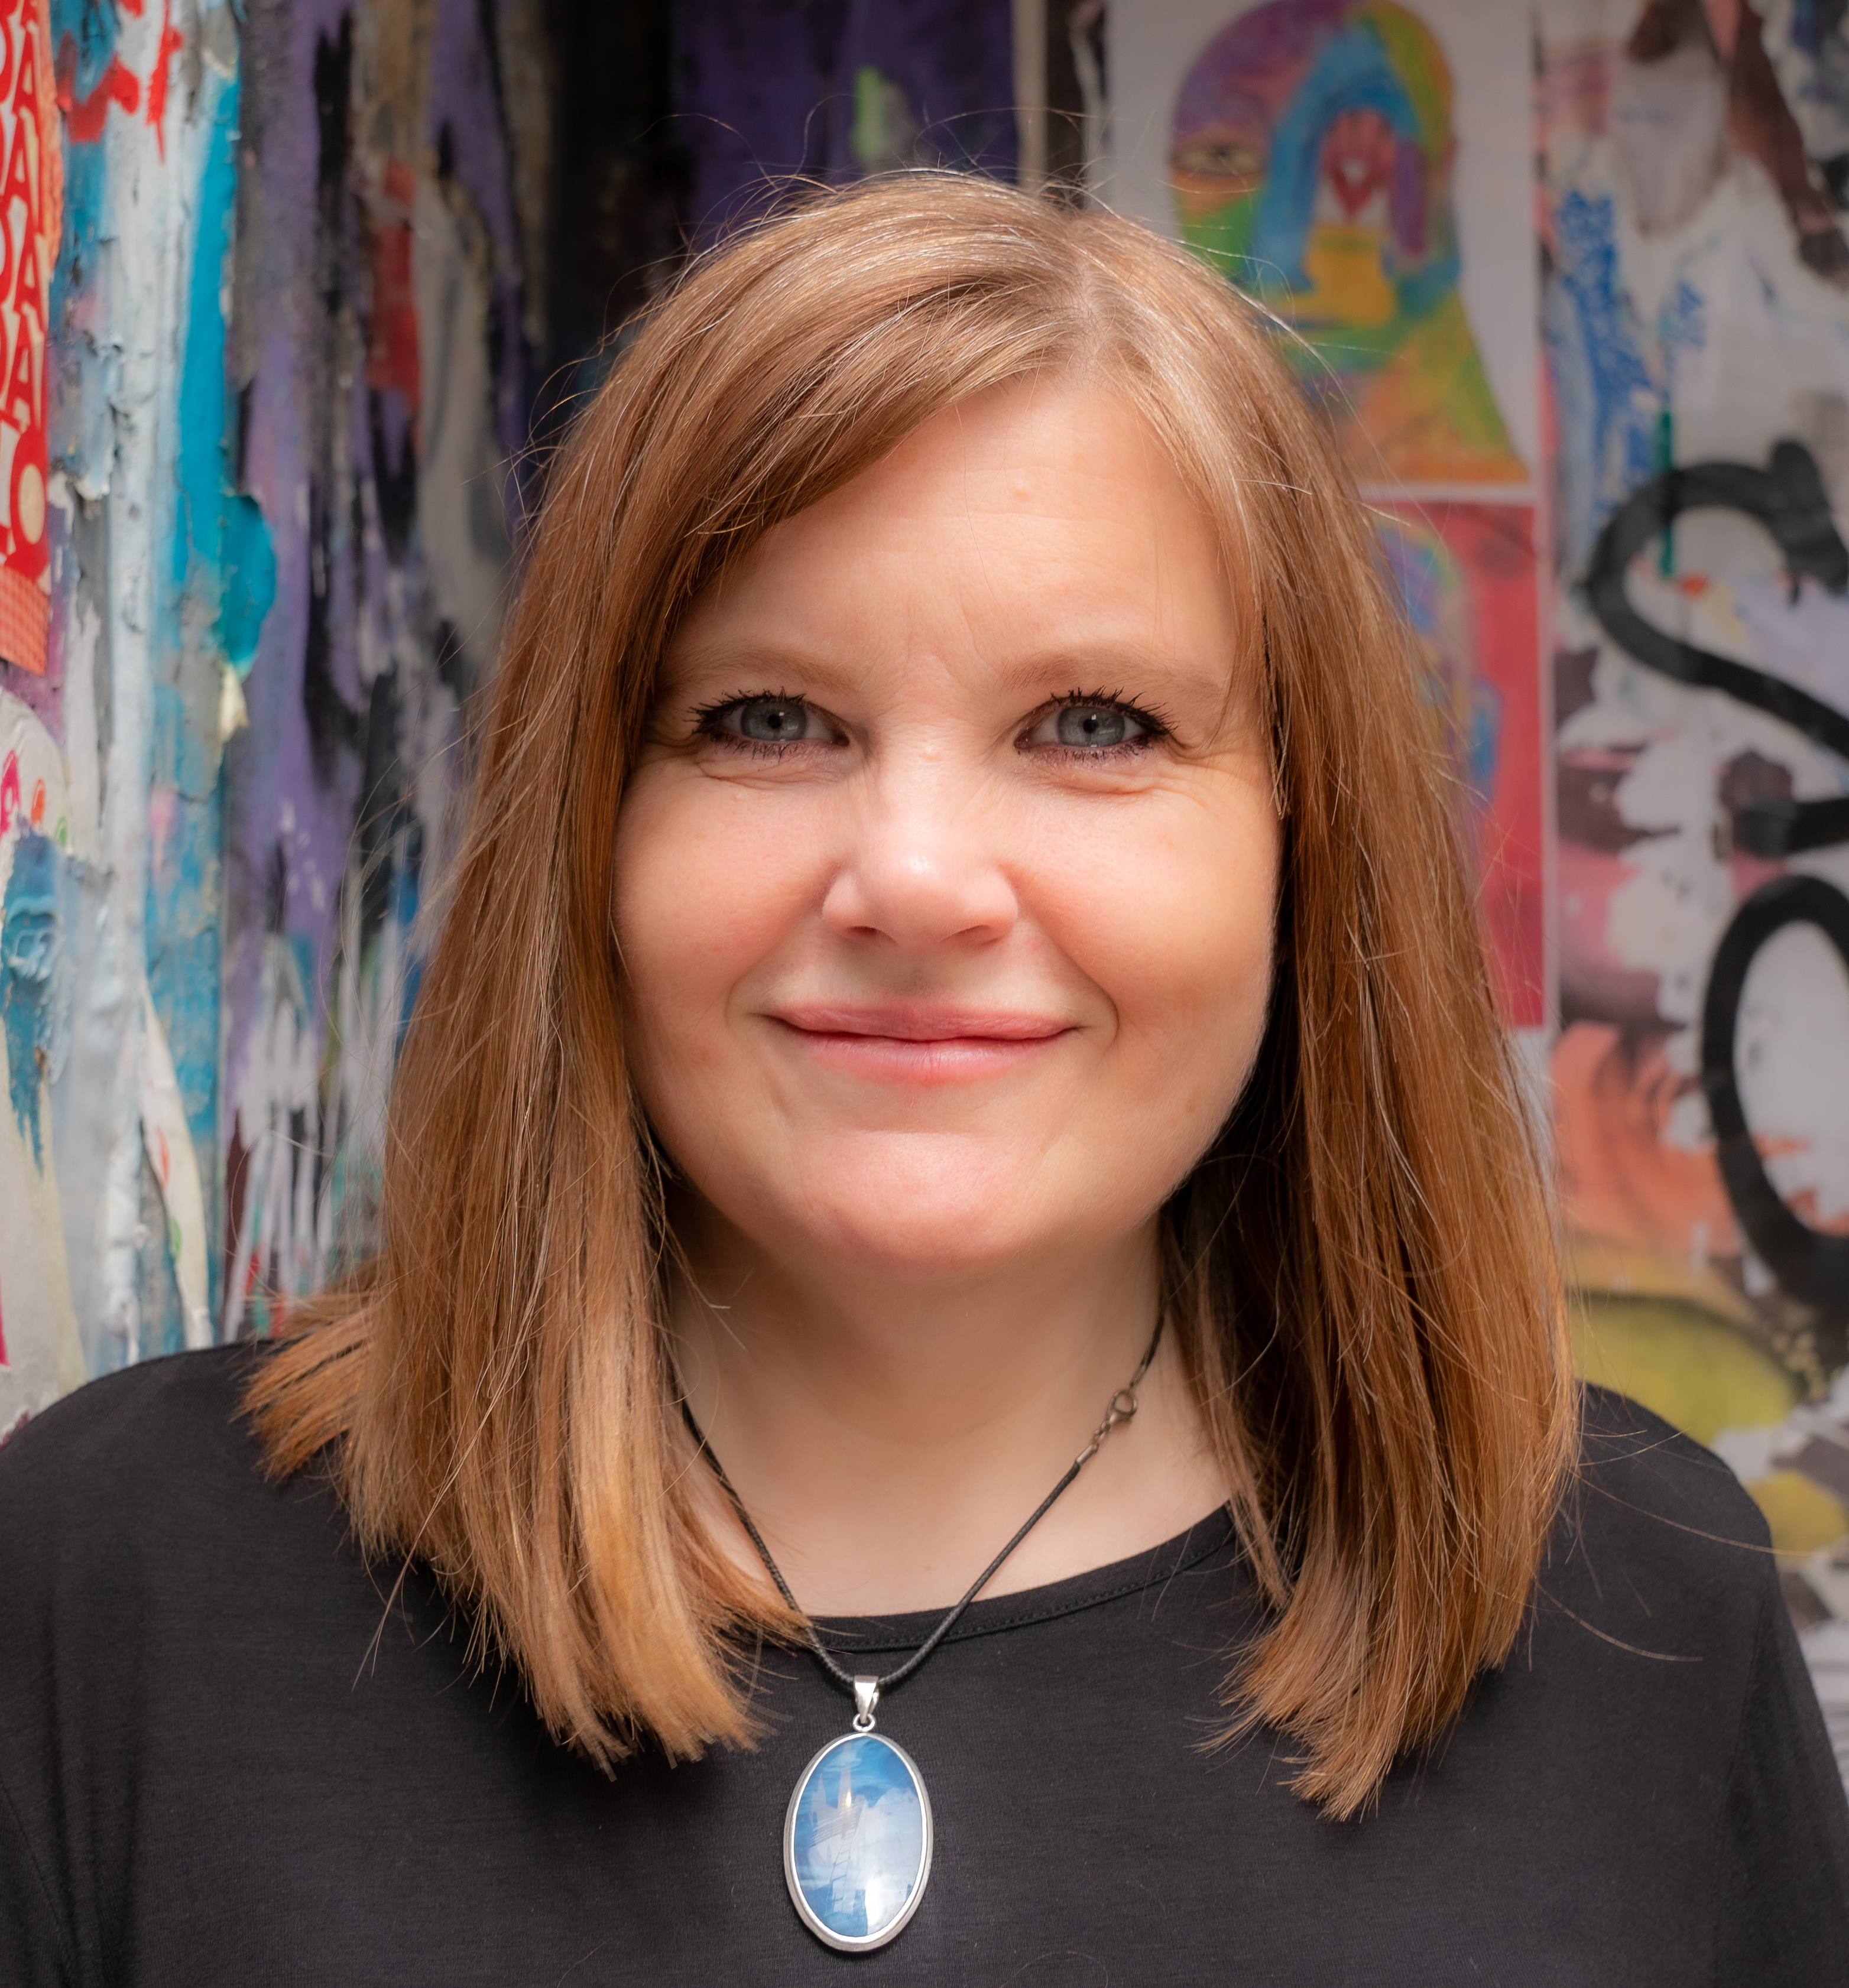 Natalie Conklin